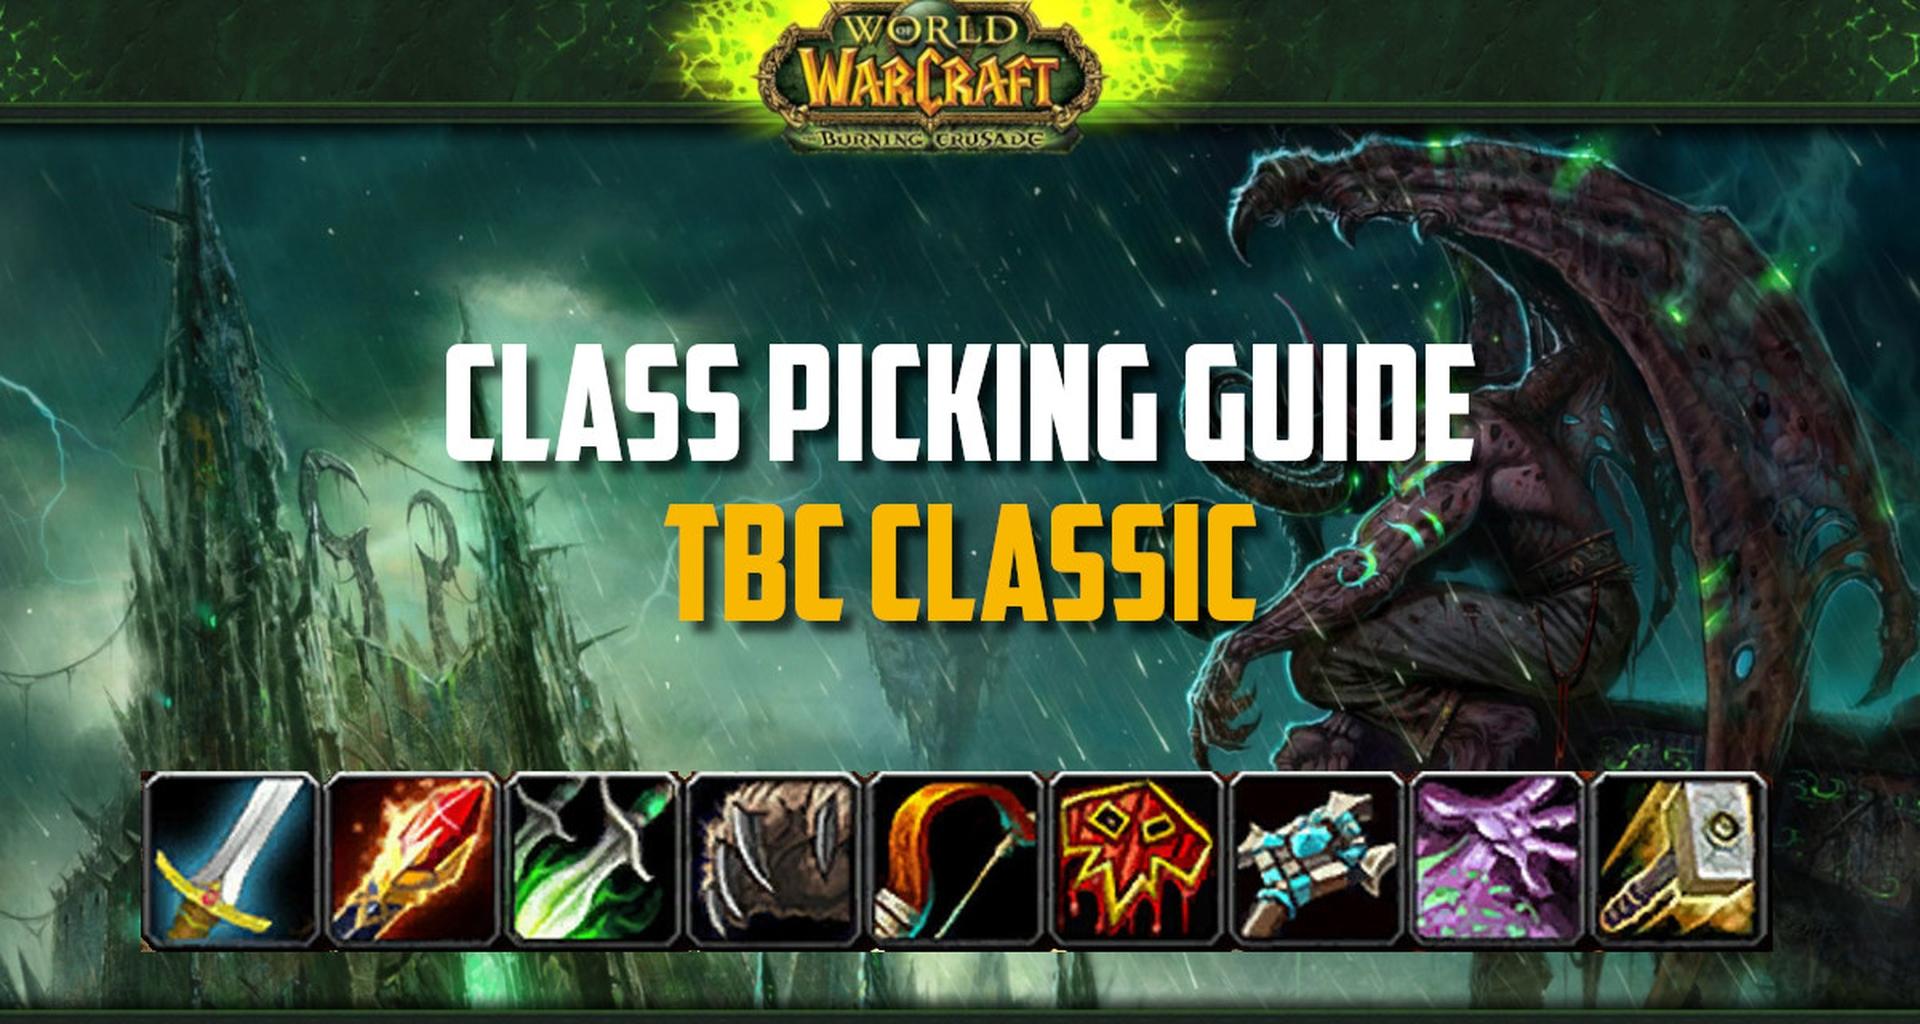 tbc classic class